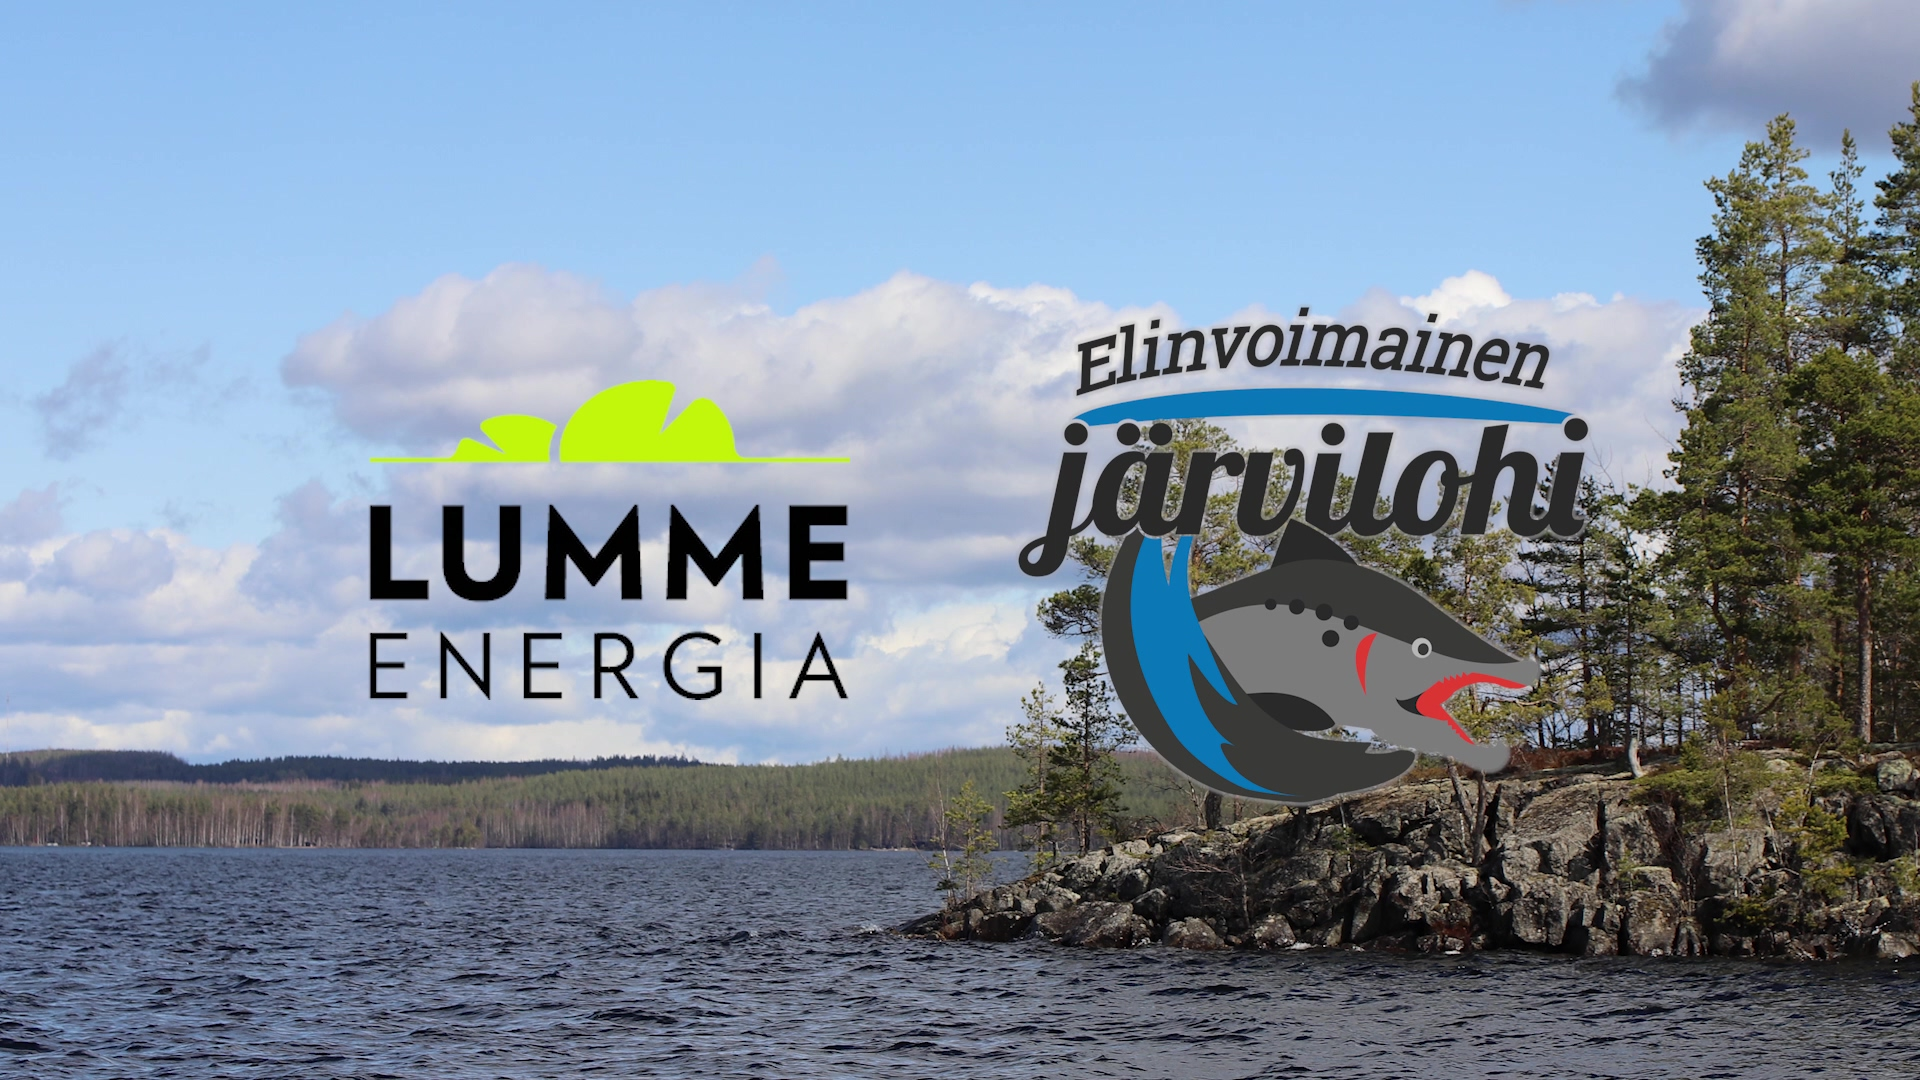 Elinvoimainen järvilohi kesäkuu 2021